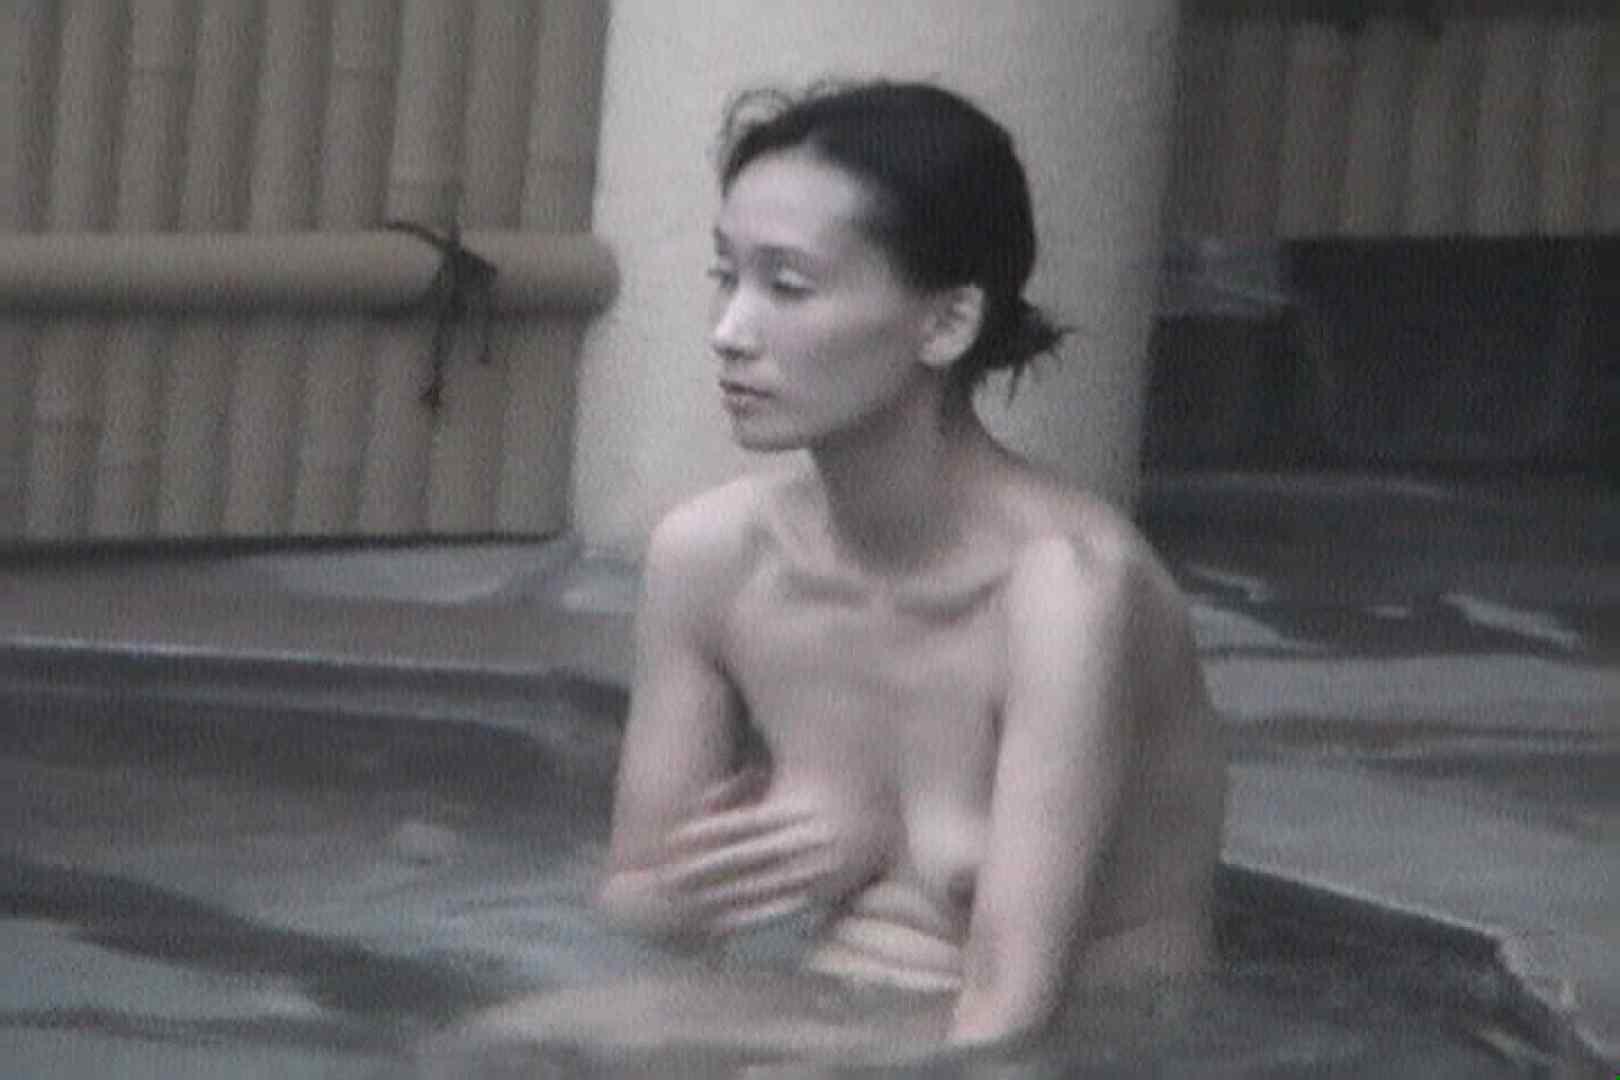 Aquaな露天風呂Vol.557 綺麗なOLたち | 盗撮  78枚 76